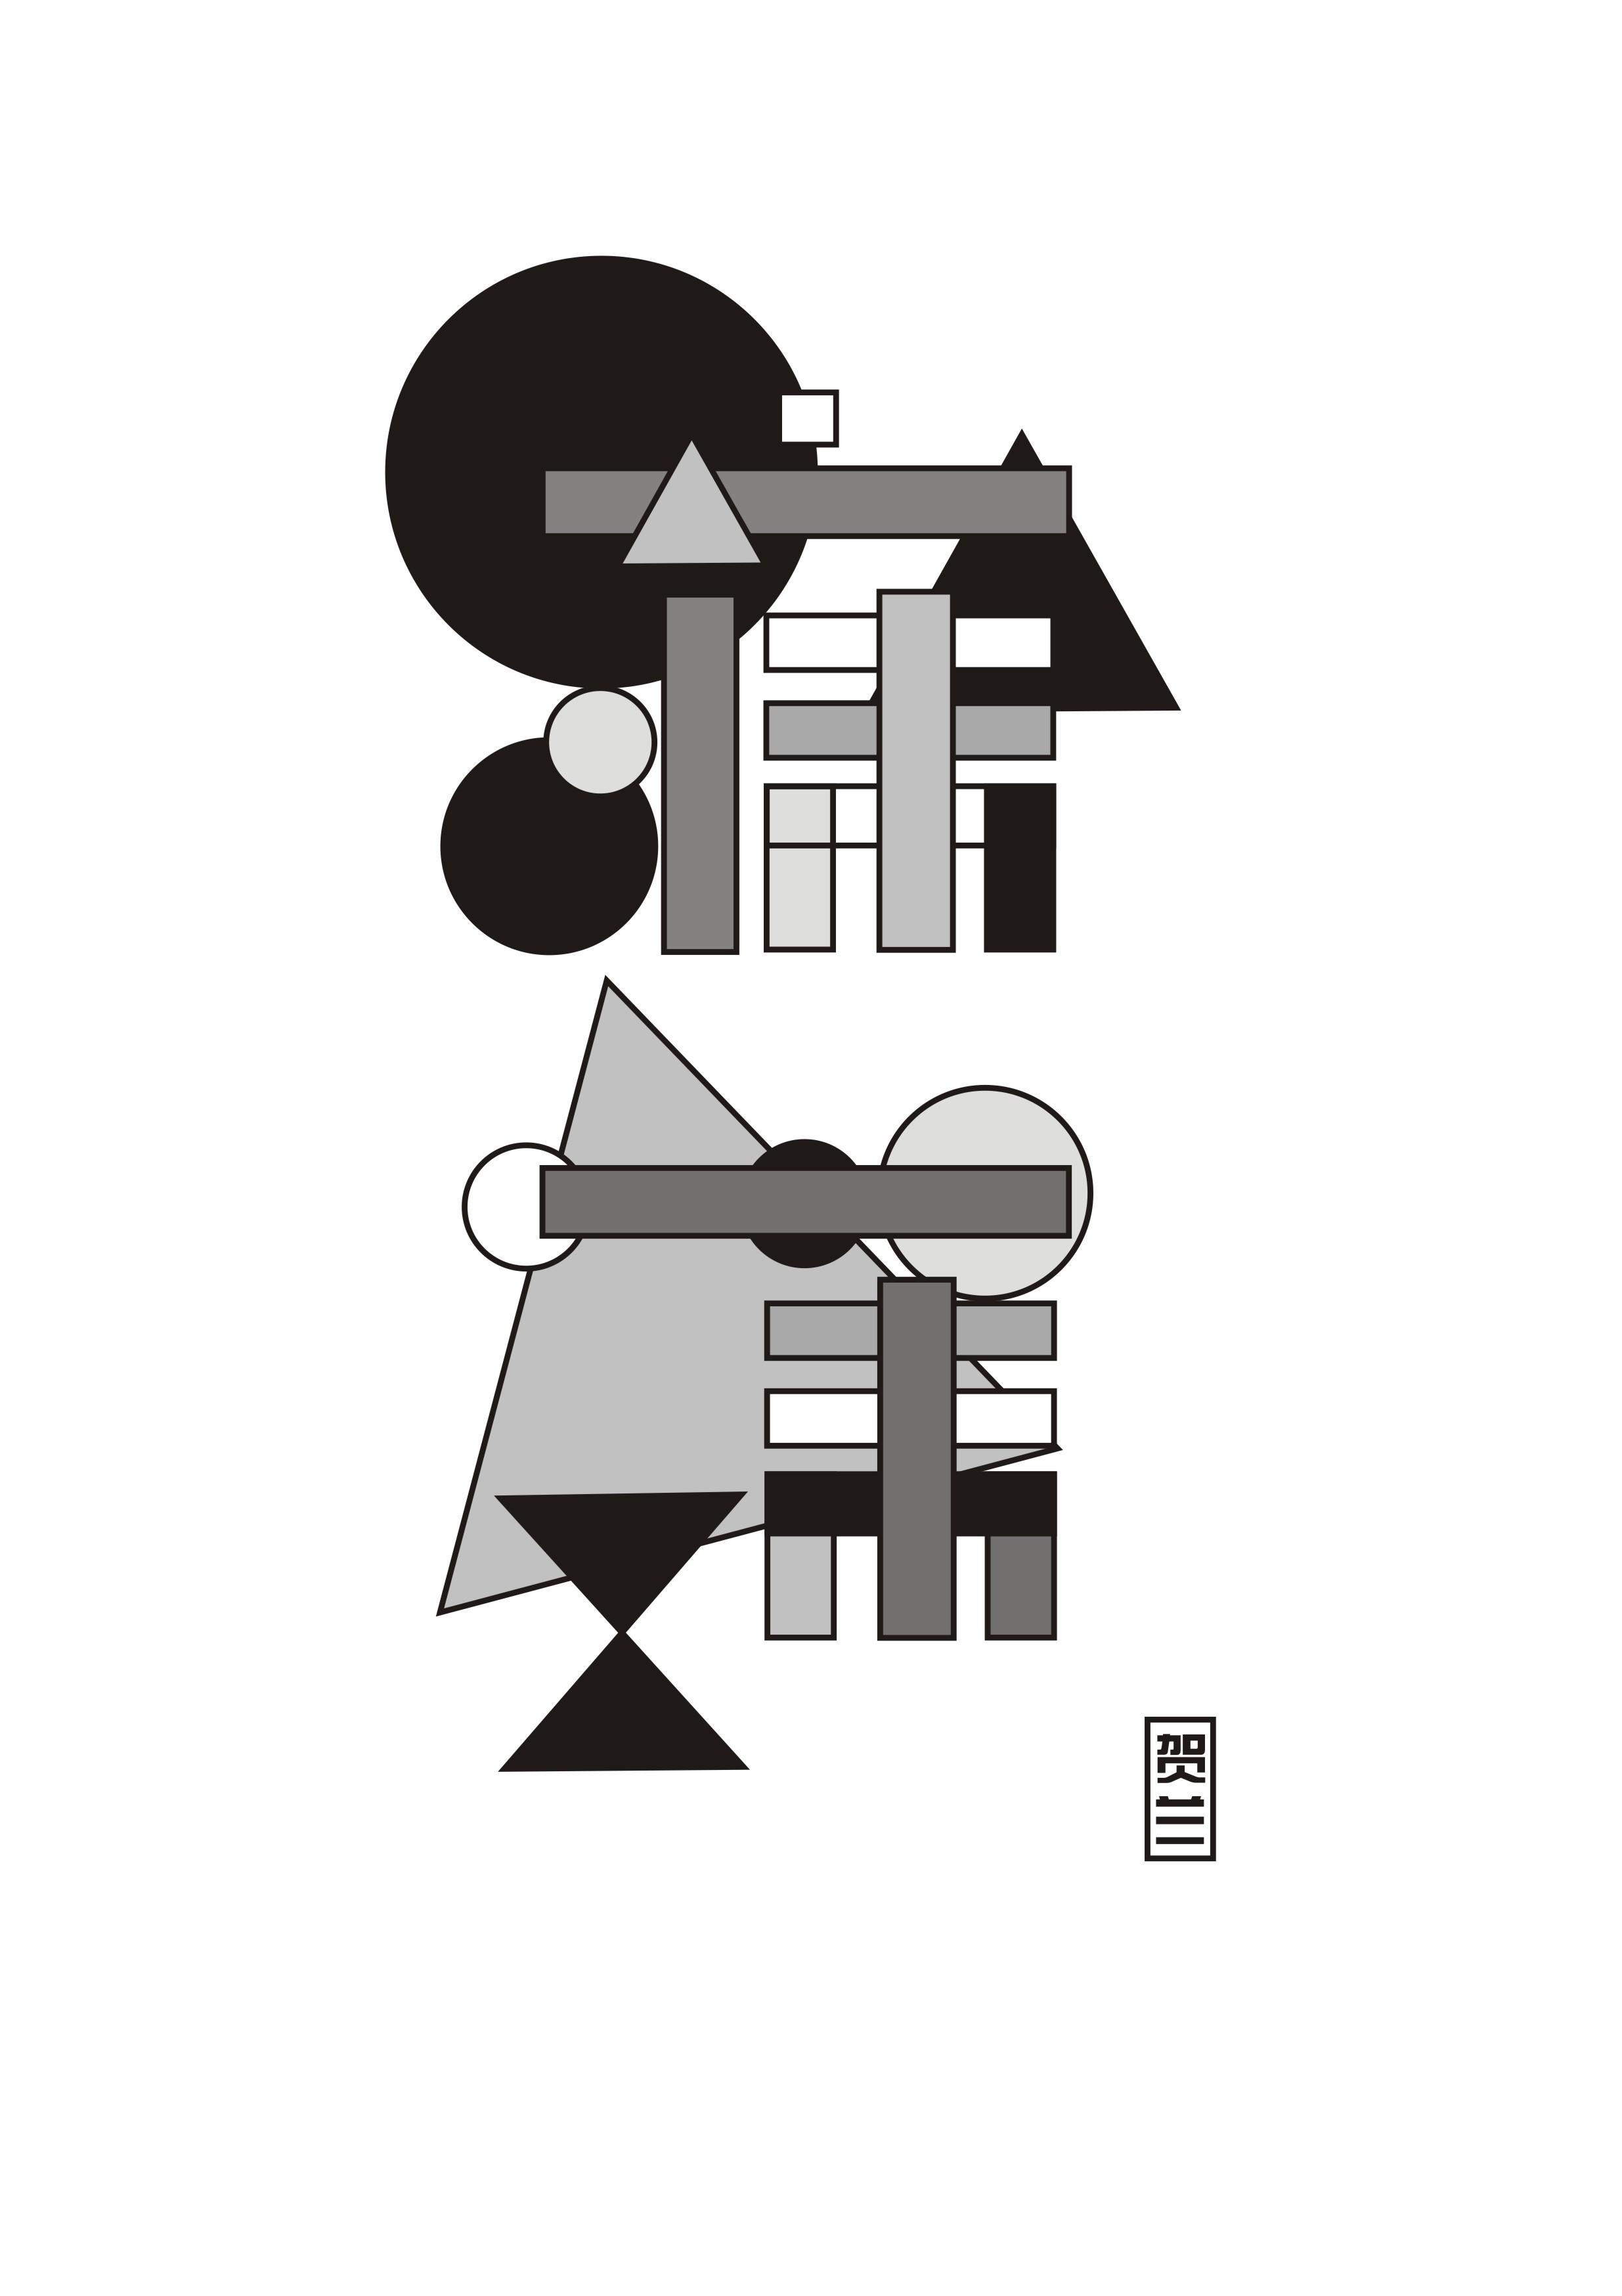 贺兰五宝宁夏石西夏文字体设计万州室内设计培训班图片